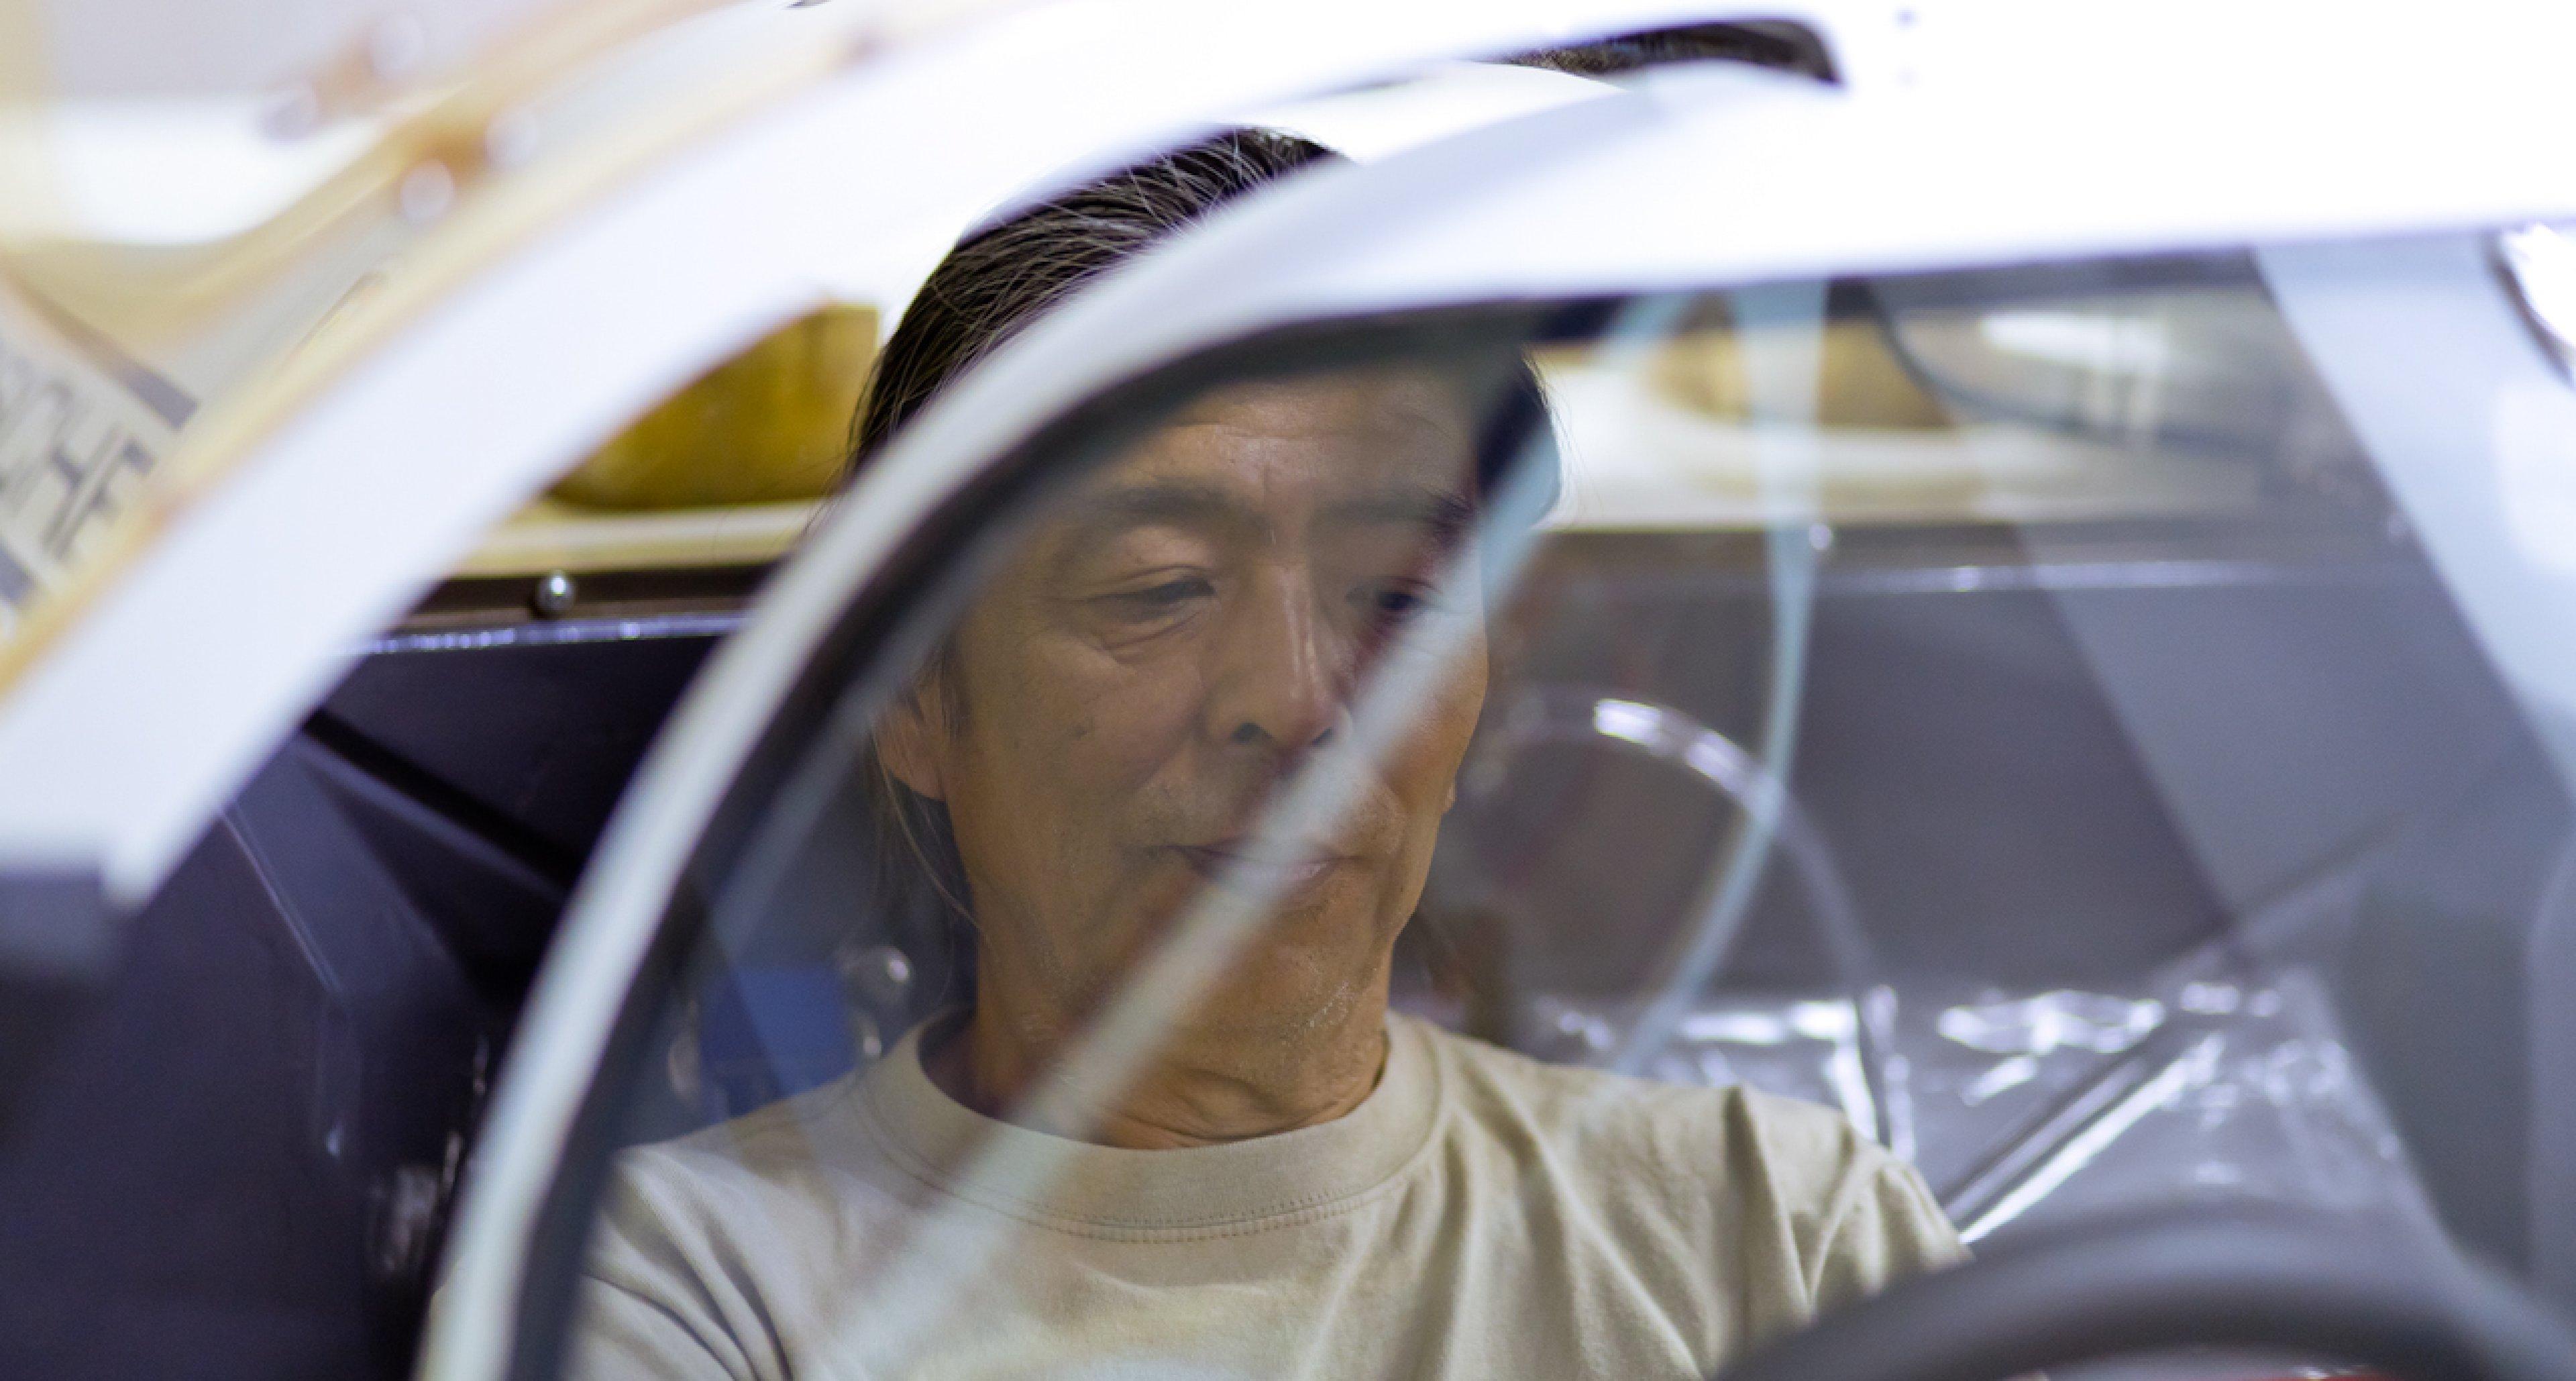 Naito-san at the wheel